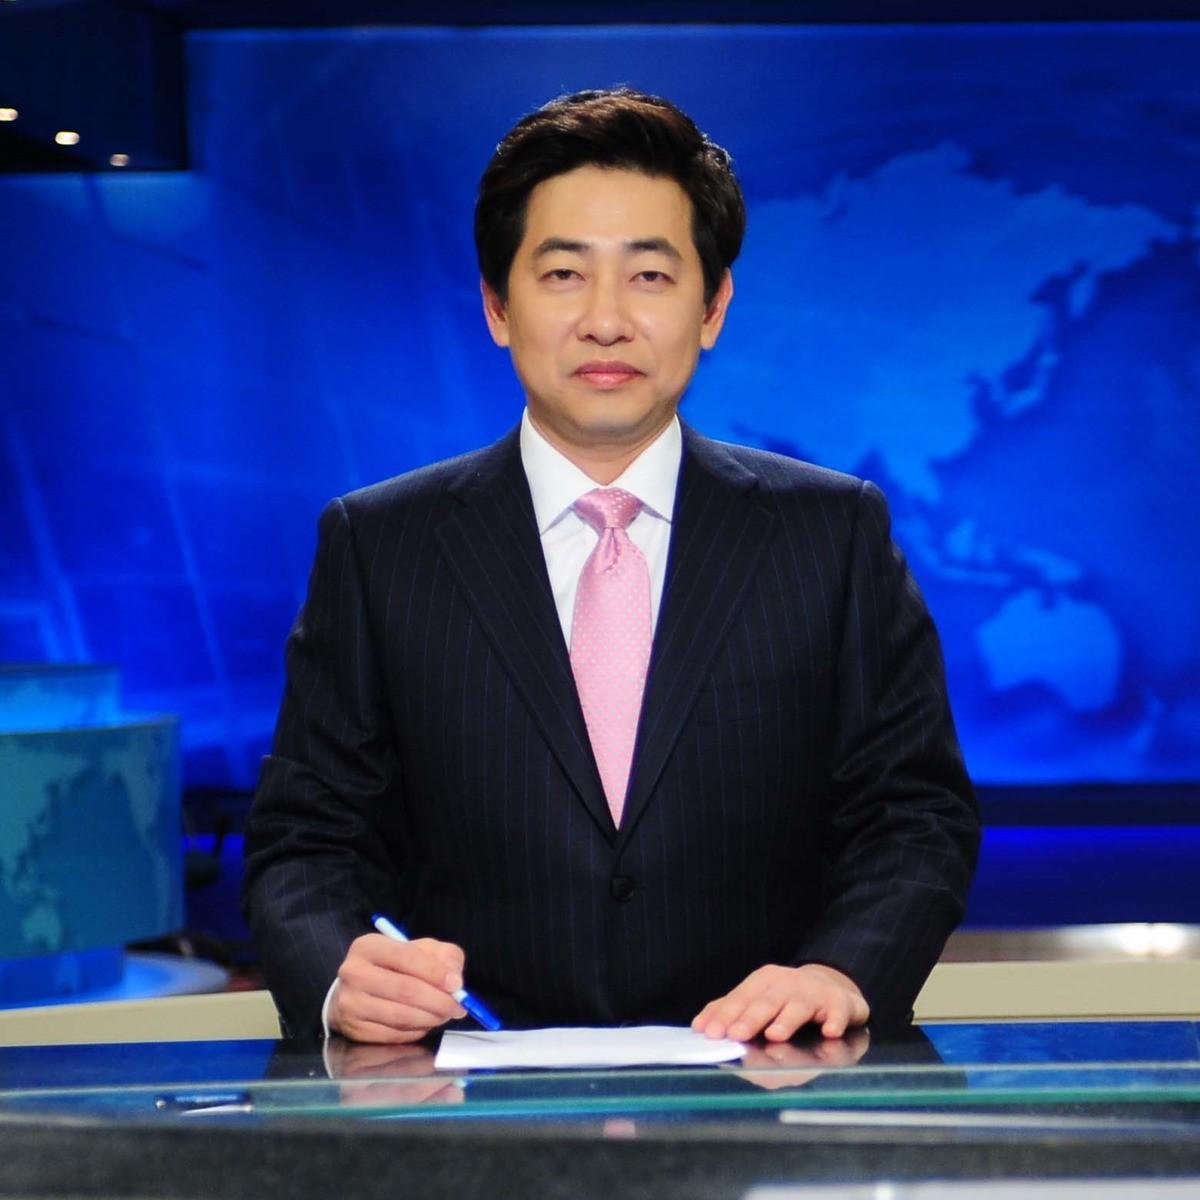 Phát thanh viên thời sự đài SBS quay lén phụ nữ trên tàu điện ngầm, bị bắt giữ vẫn chối trước đổ hết lỗi lầm do say xỉn - Ảnh 1.